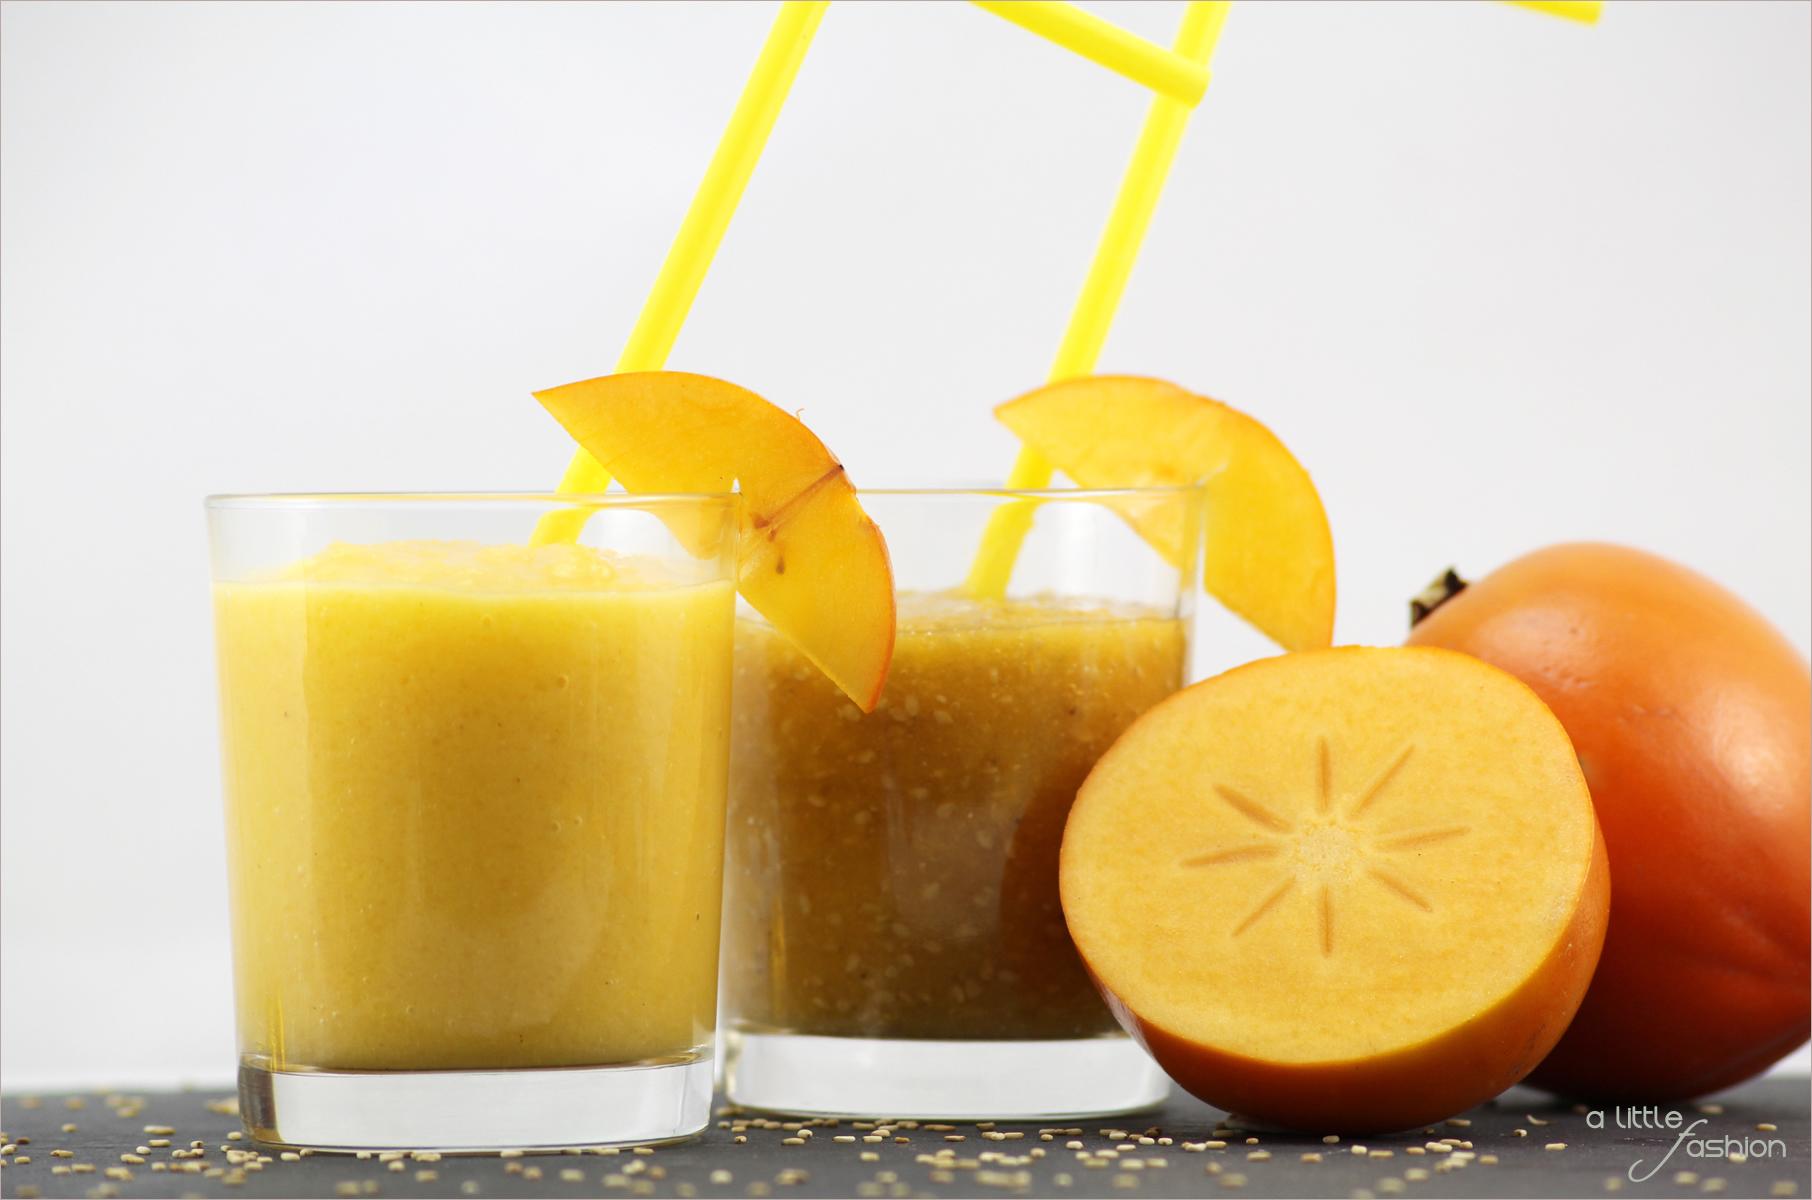 Rezept food kaki orangen kokos banane sesam smoothie1 for Cuisine kaki